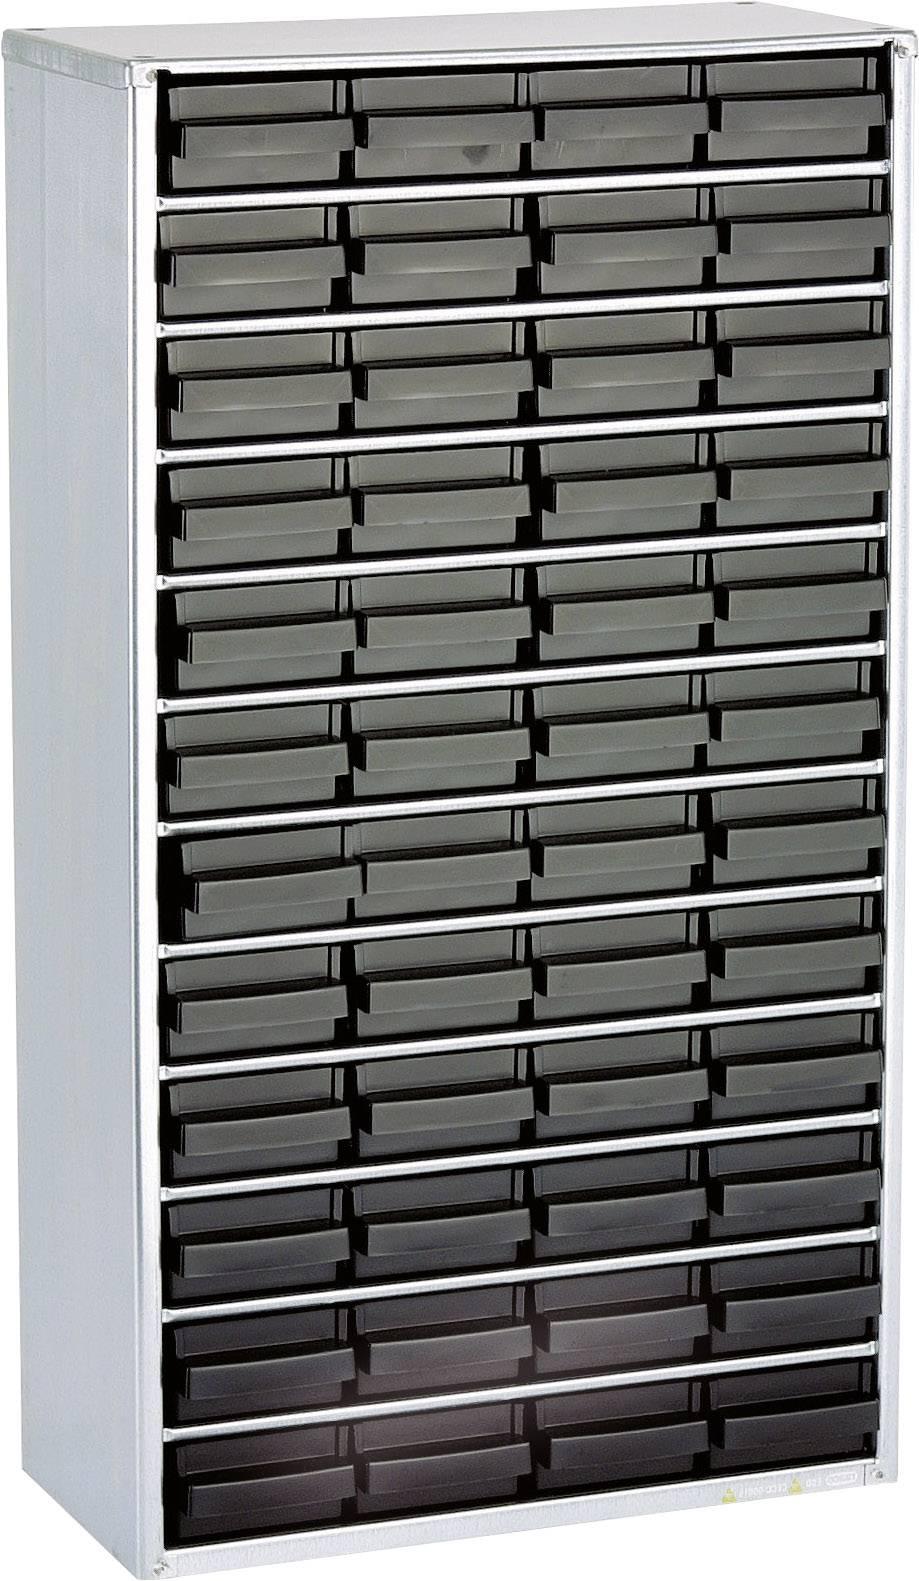 raaco 1248-01 esd-jekleni magazin (D x Š x V) 306 x 150 x 552 mm Število predalov: 48 vklj. ozemljitveni kabel  1 kos